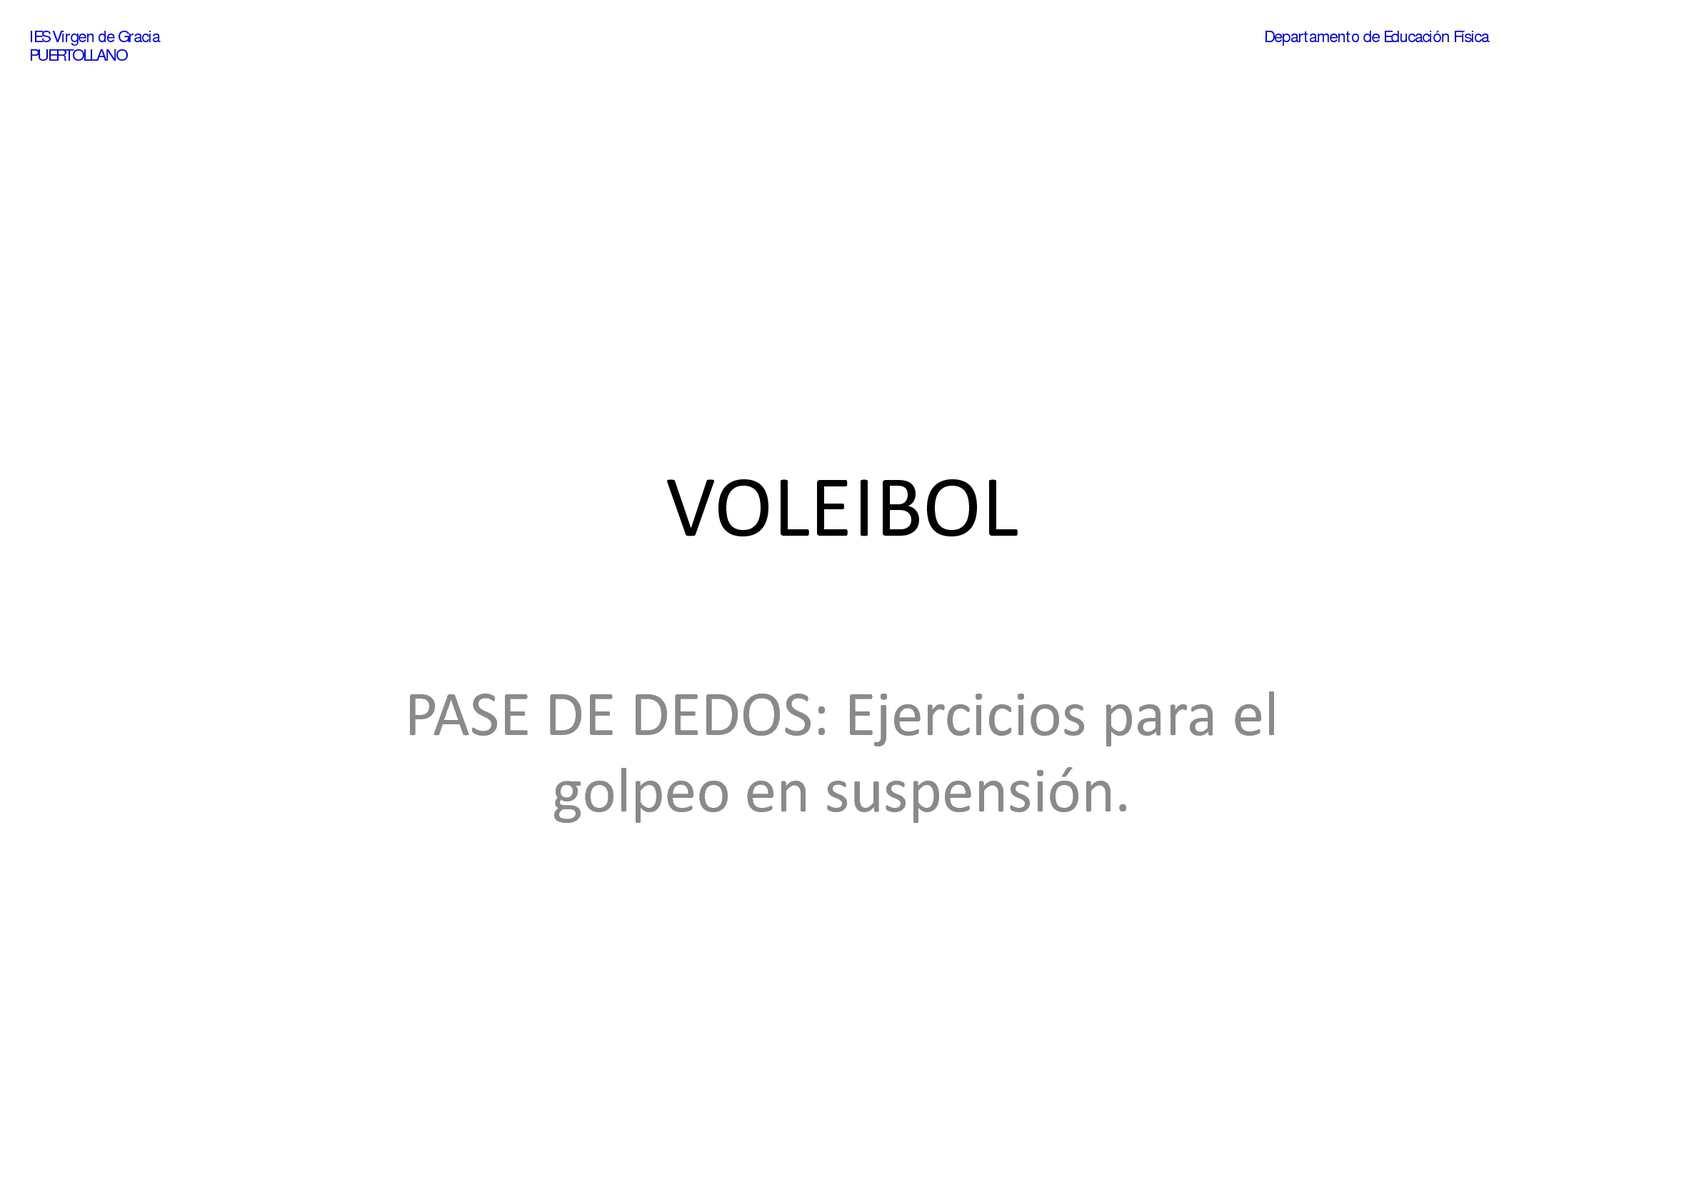 VOLEIBOL - Pase de Dedos - Ejercicios para el golpeo en suspensión